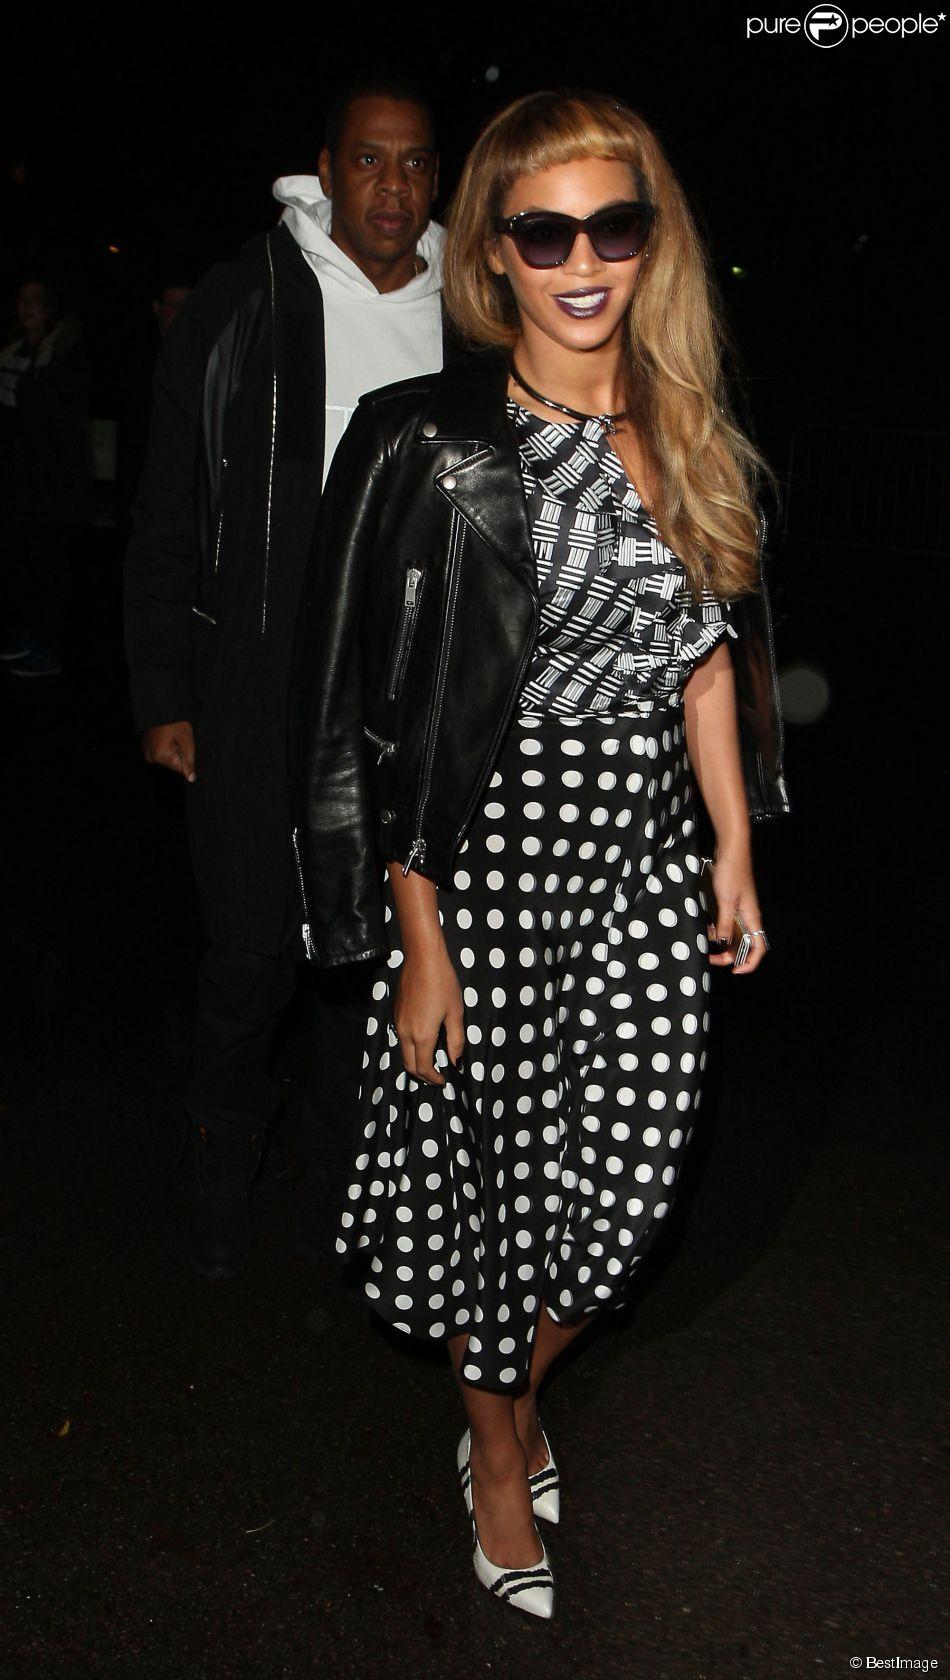 67c75f25db8 Beyoncé Knowles et Jay Z vont dîner un restaurant et se rendent dans une  galerie d